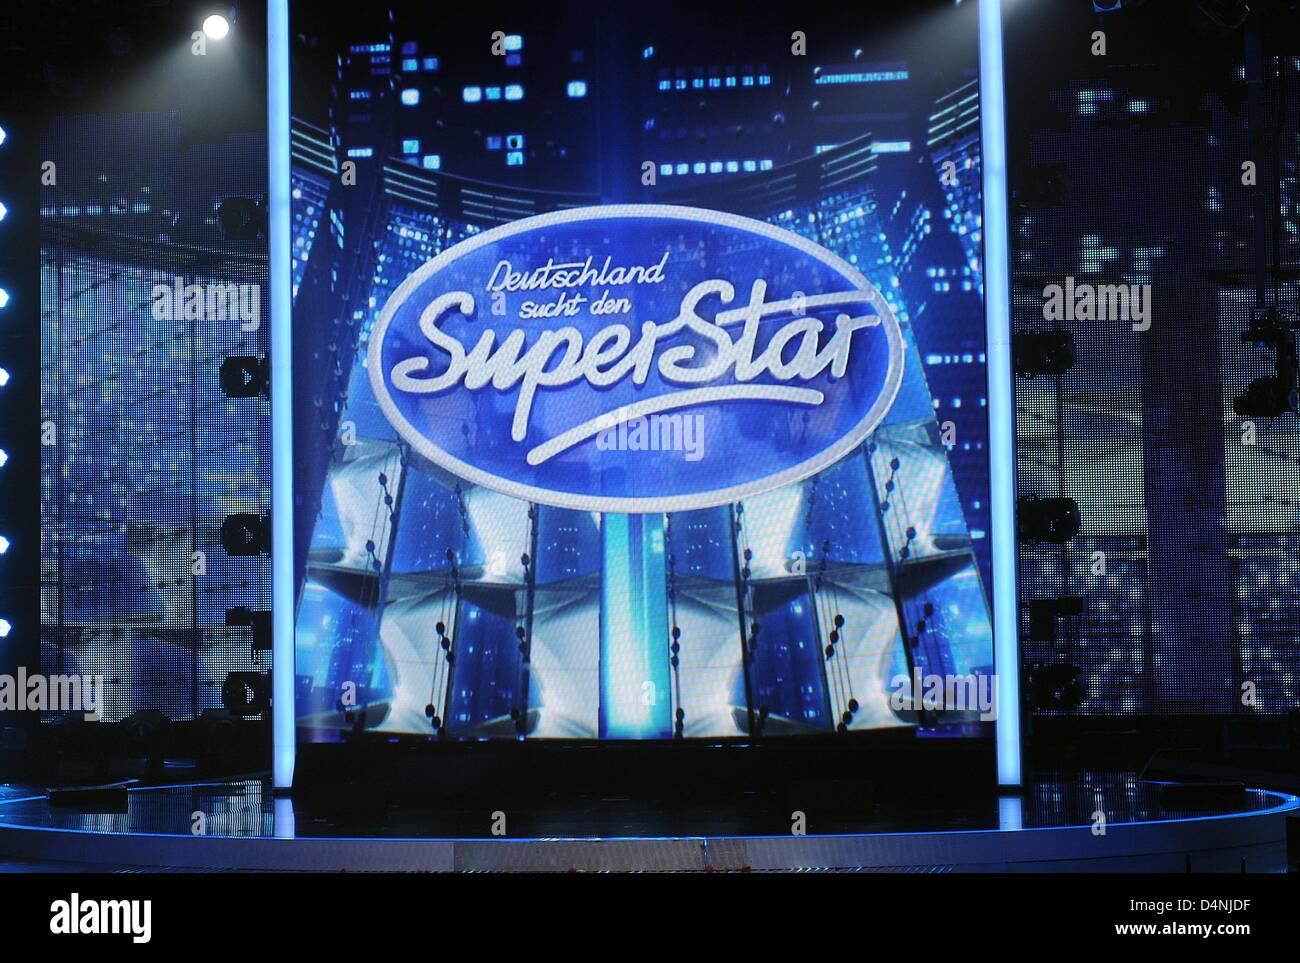 superstar dsds